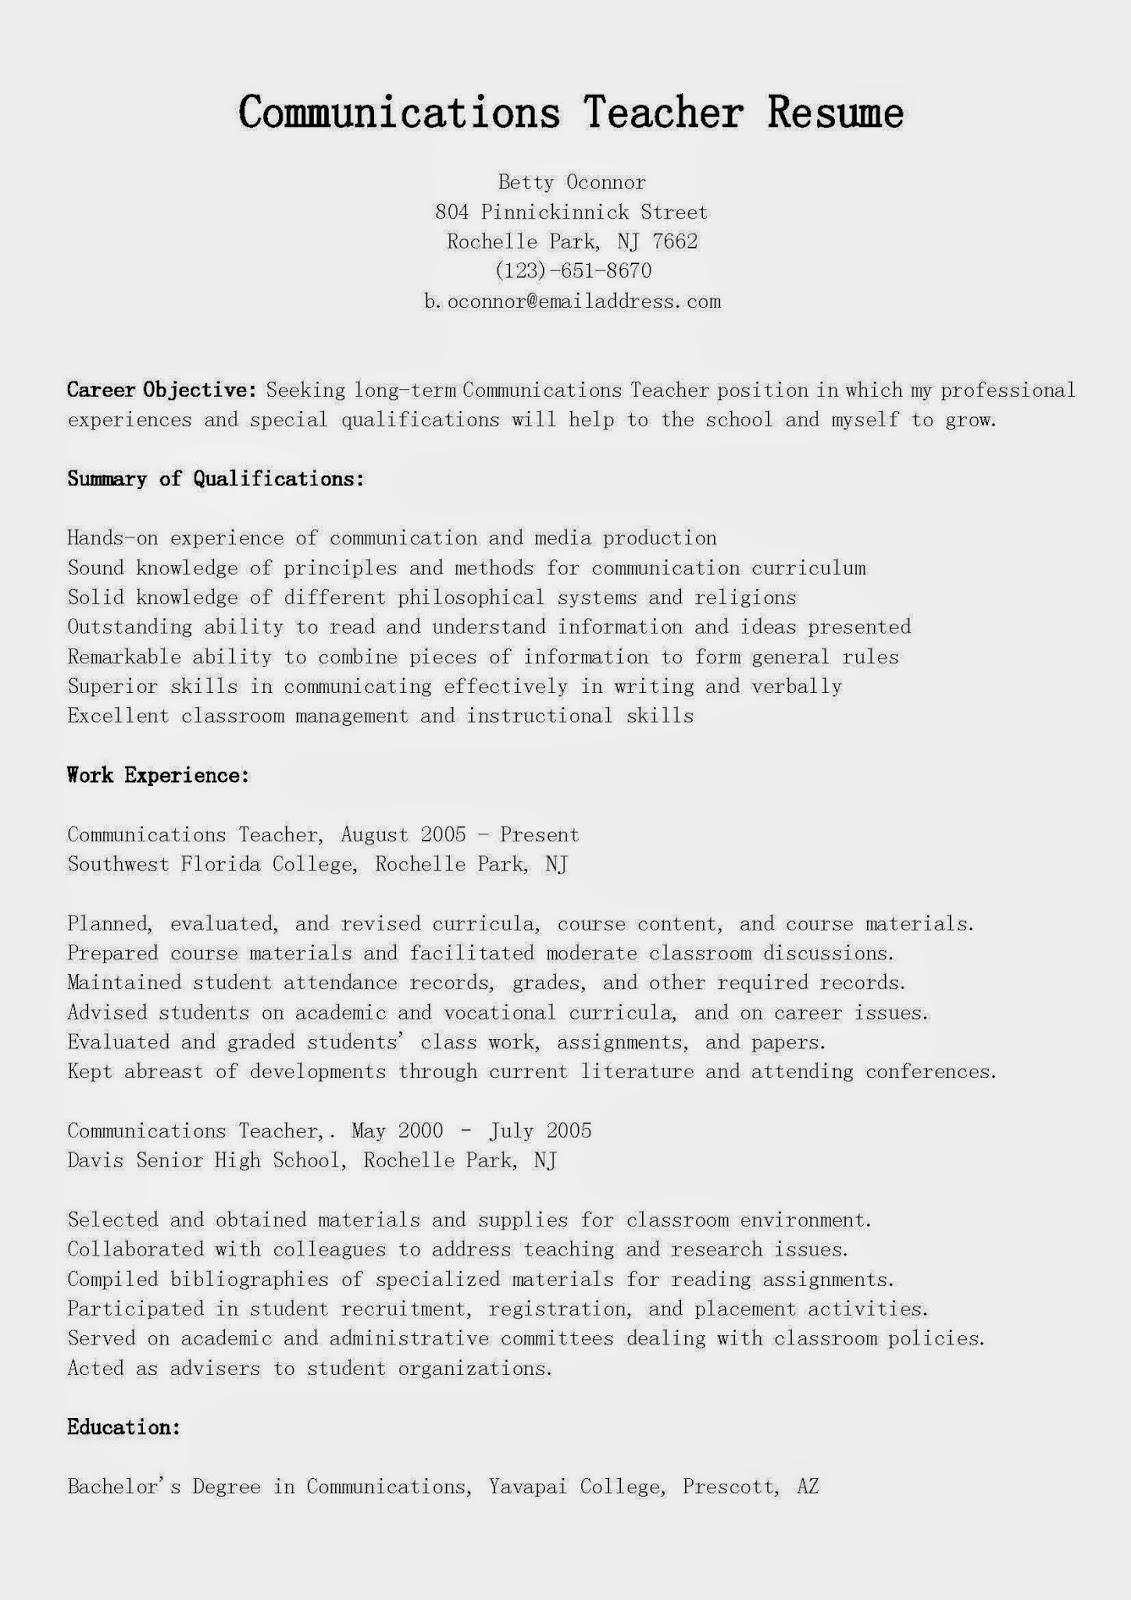 resume samples  communications teacher resume sample